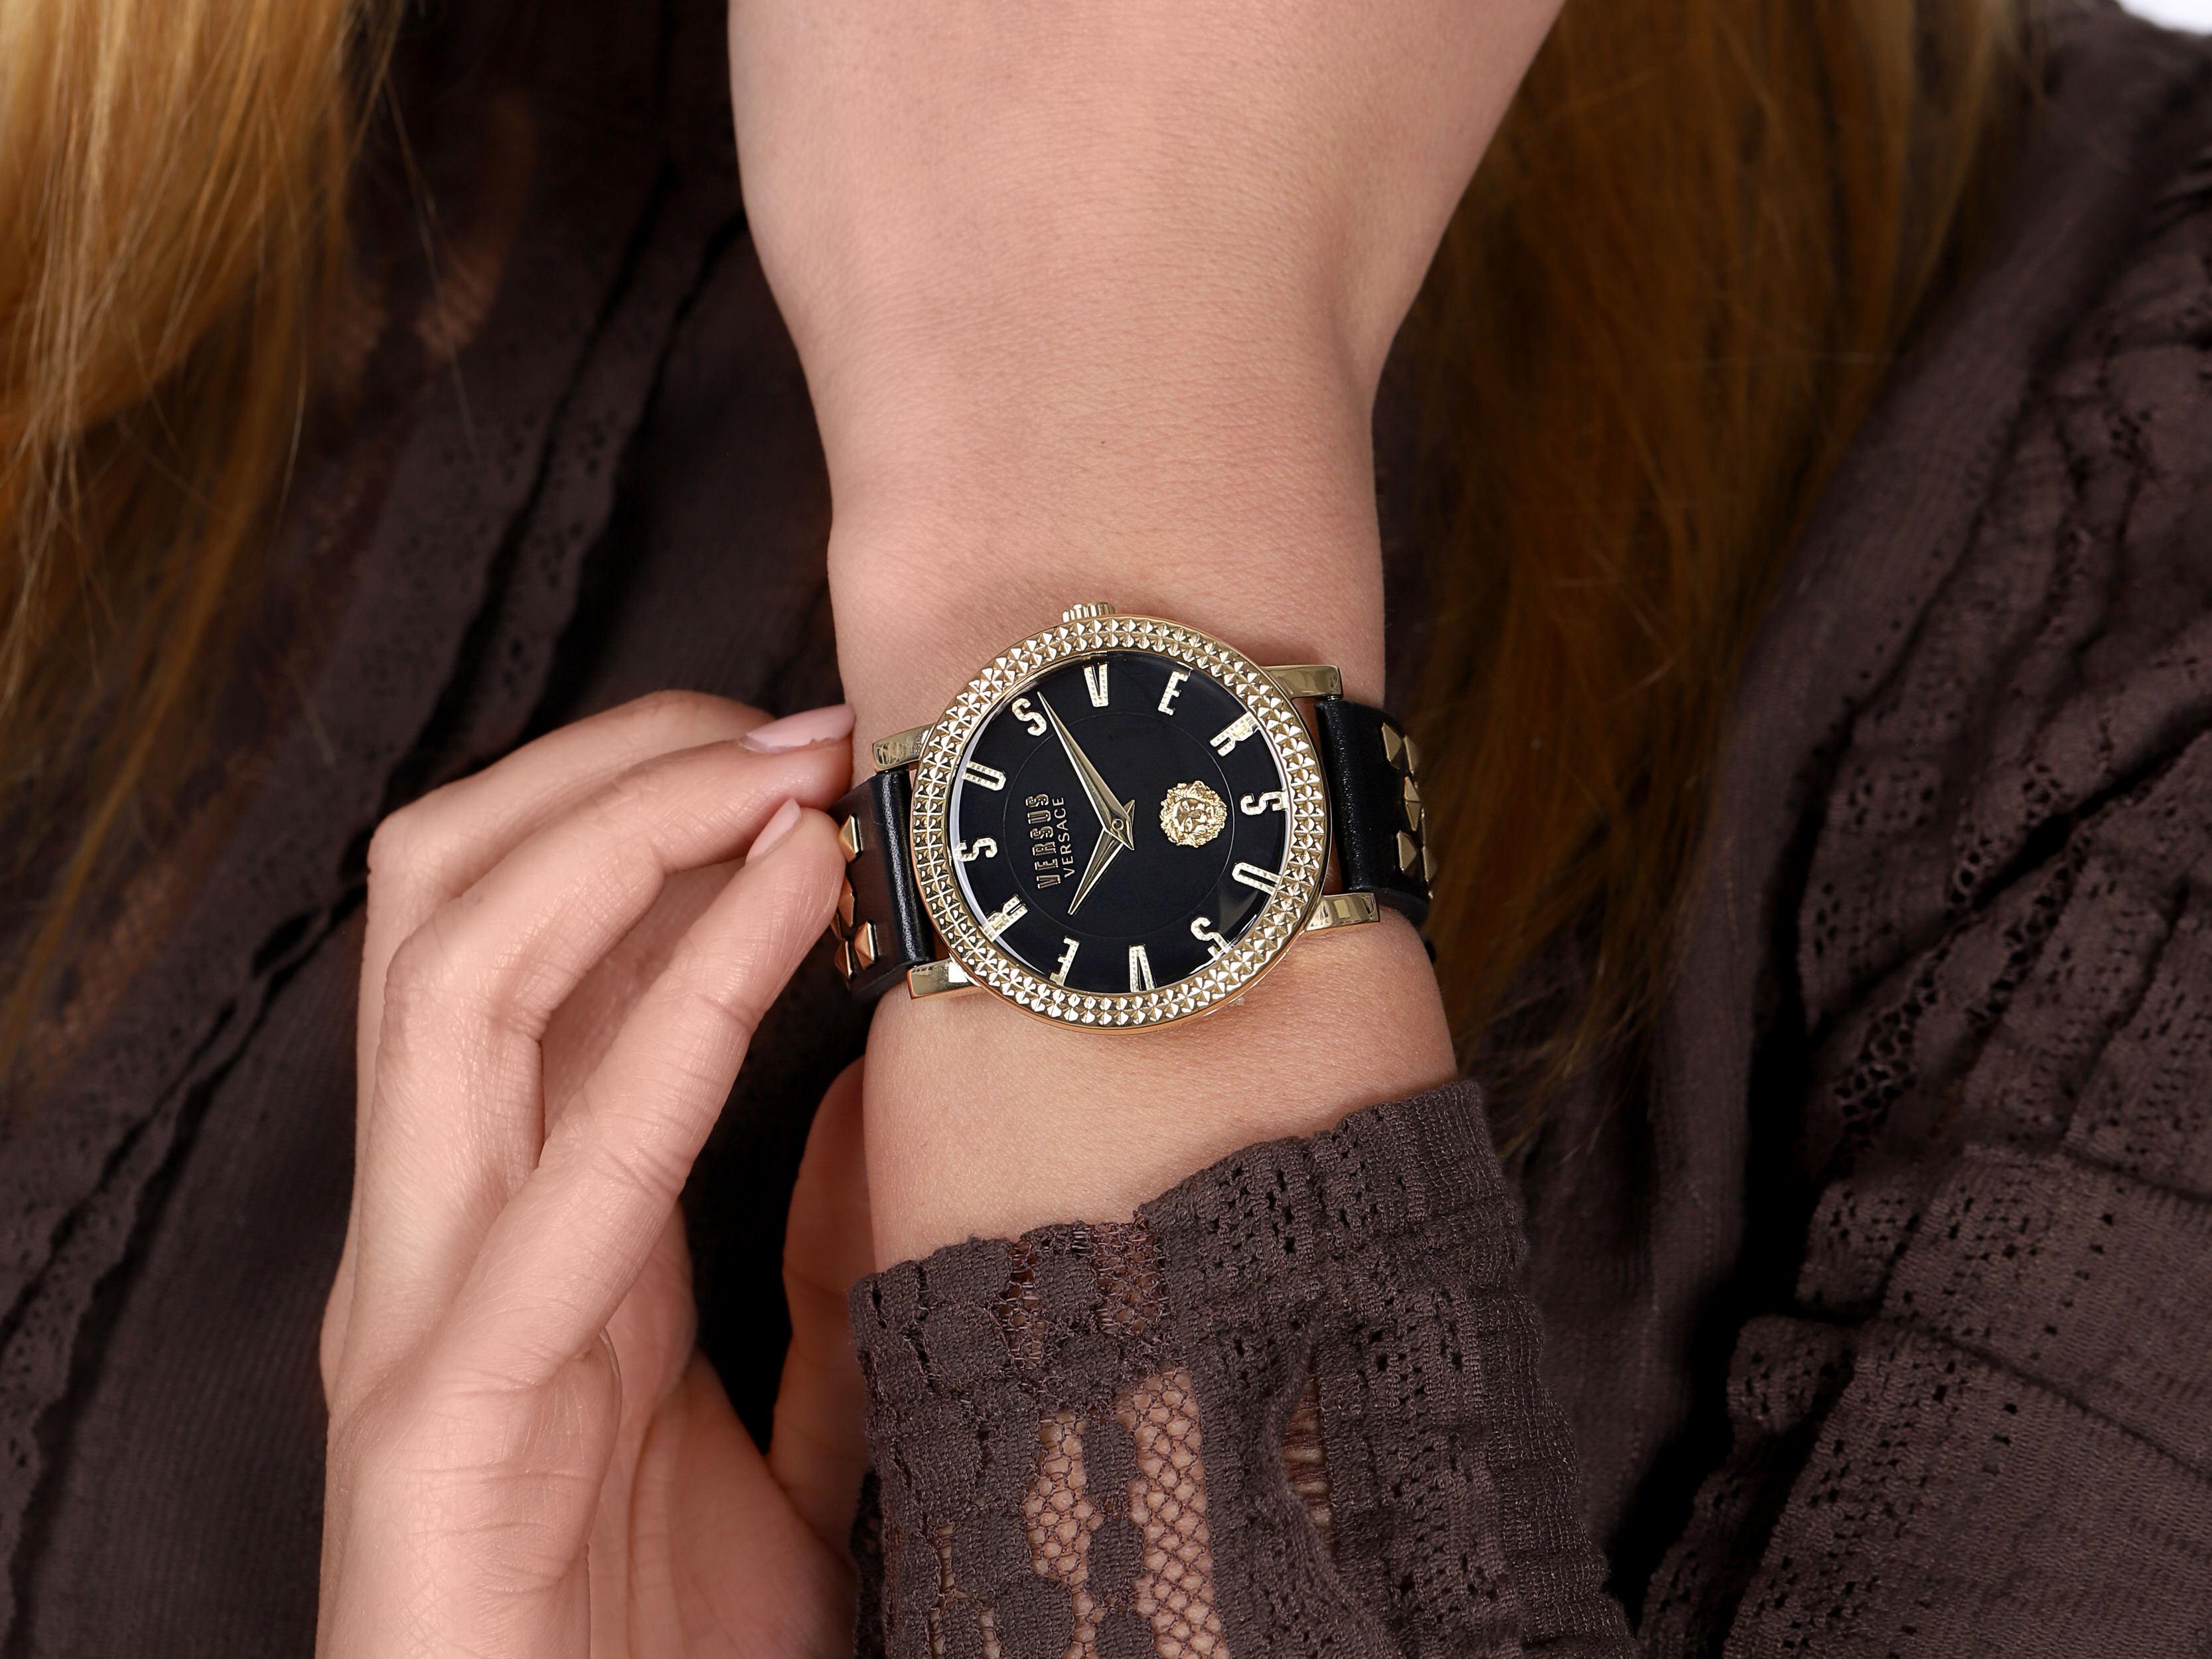 Versus Versace VSPEU0219 PIGALLE zegarek fashion/modowy Damskie